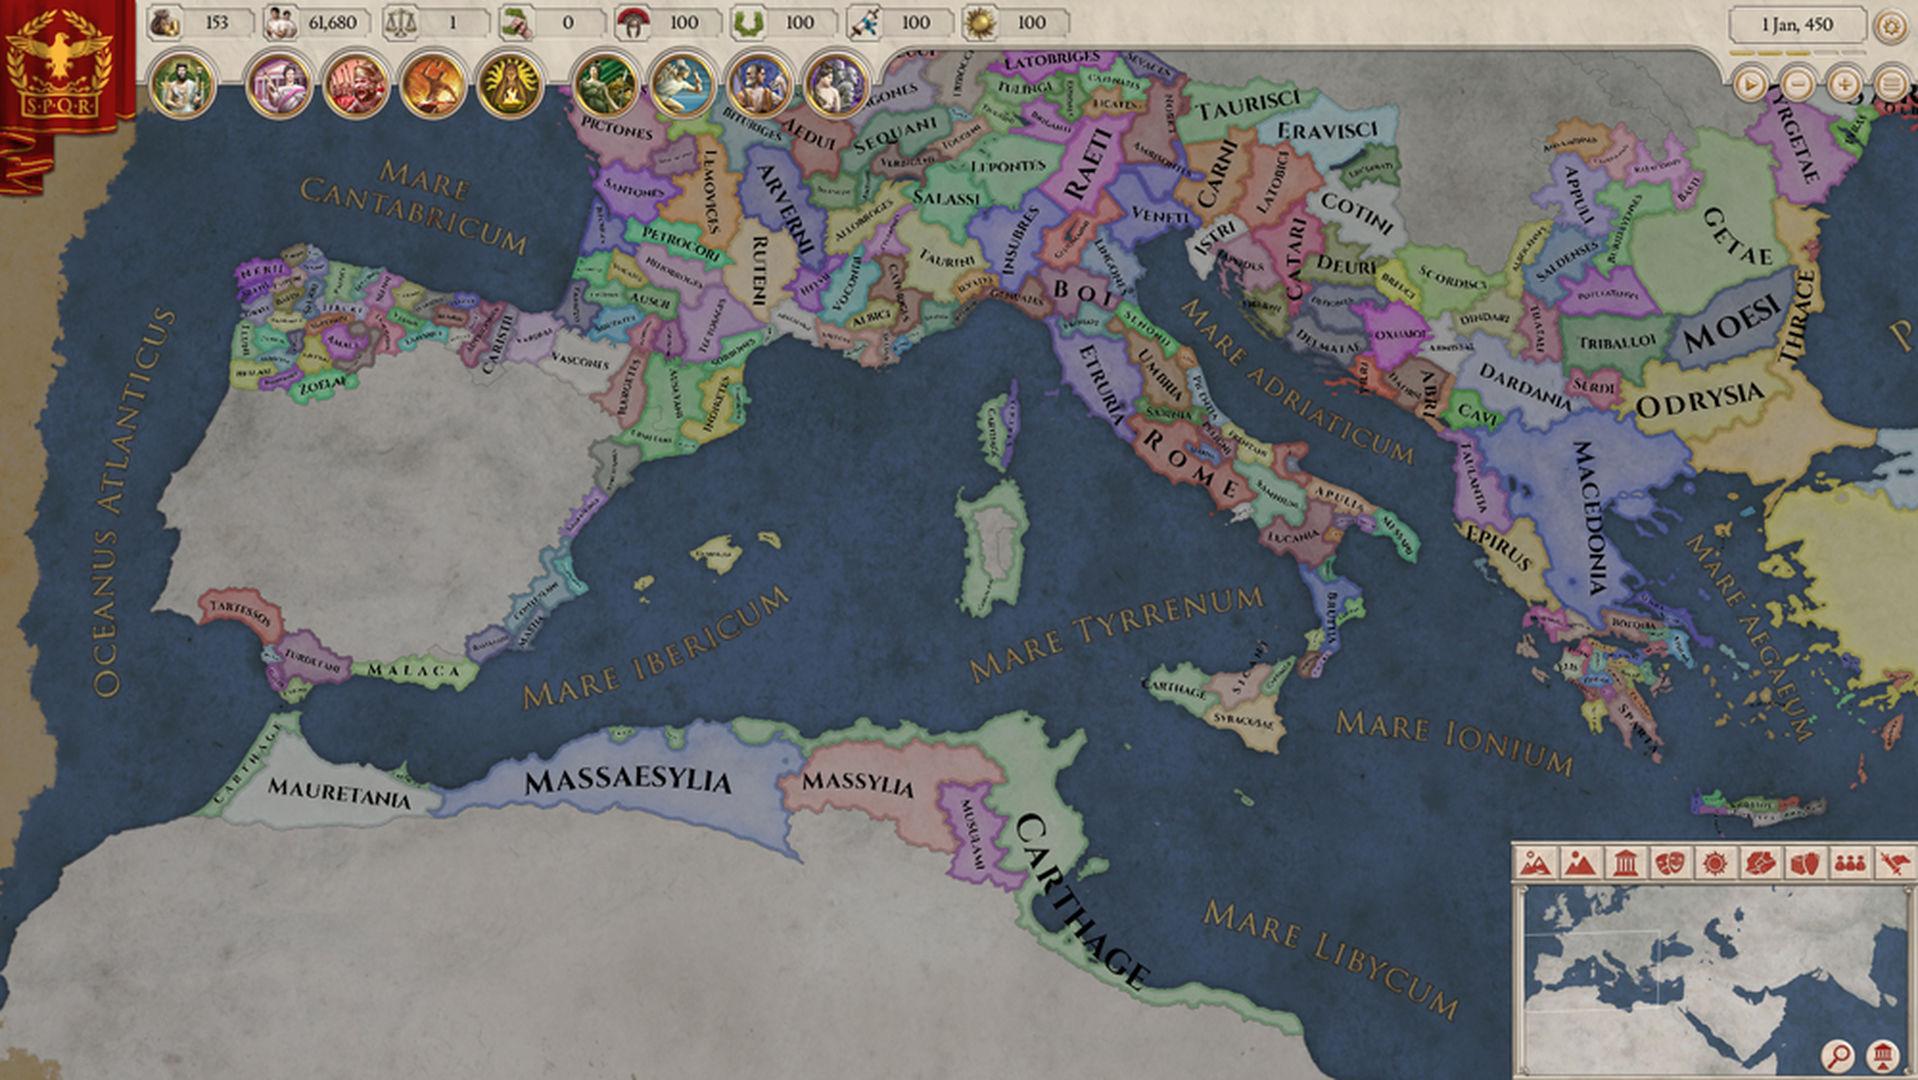 Contando números: padre de todos los temas Off-topic - Página 42 Pdxcon_imperator_screenshots_02_flat_map